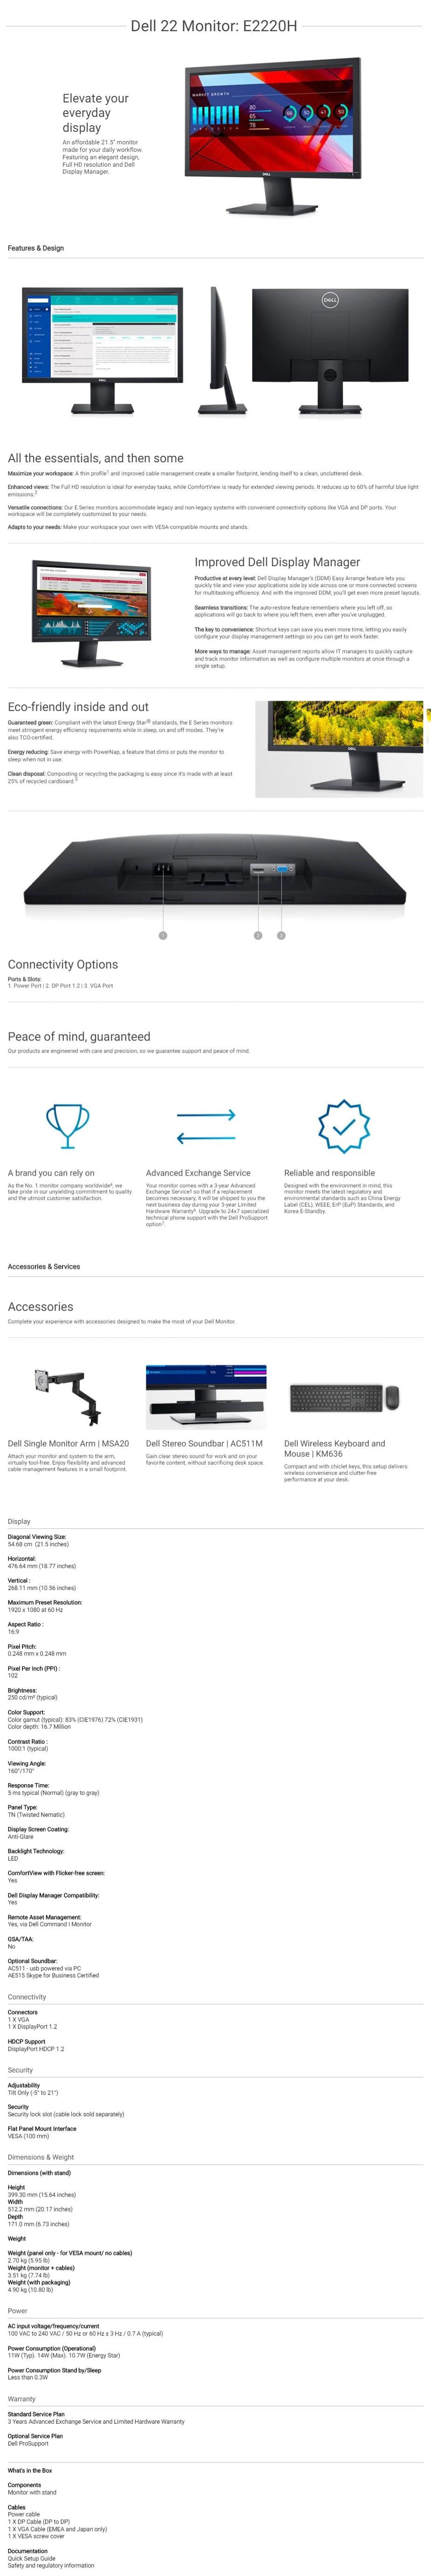 """Dell E2220H 21.5"""" Full HD Anti-Glare TN Monitor - Overview 1"""